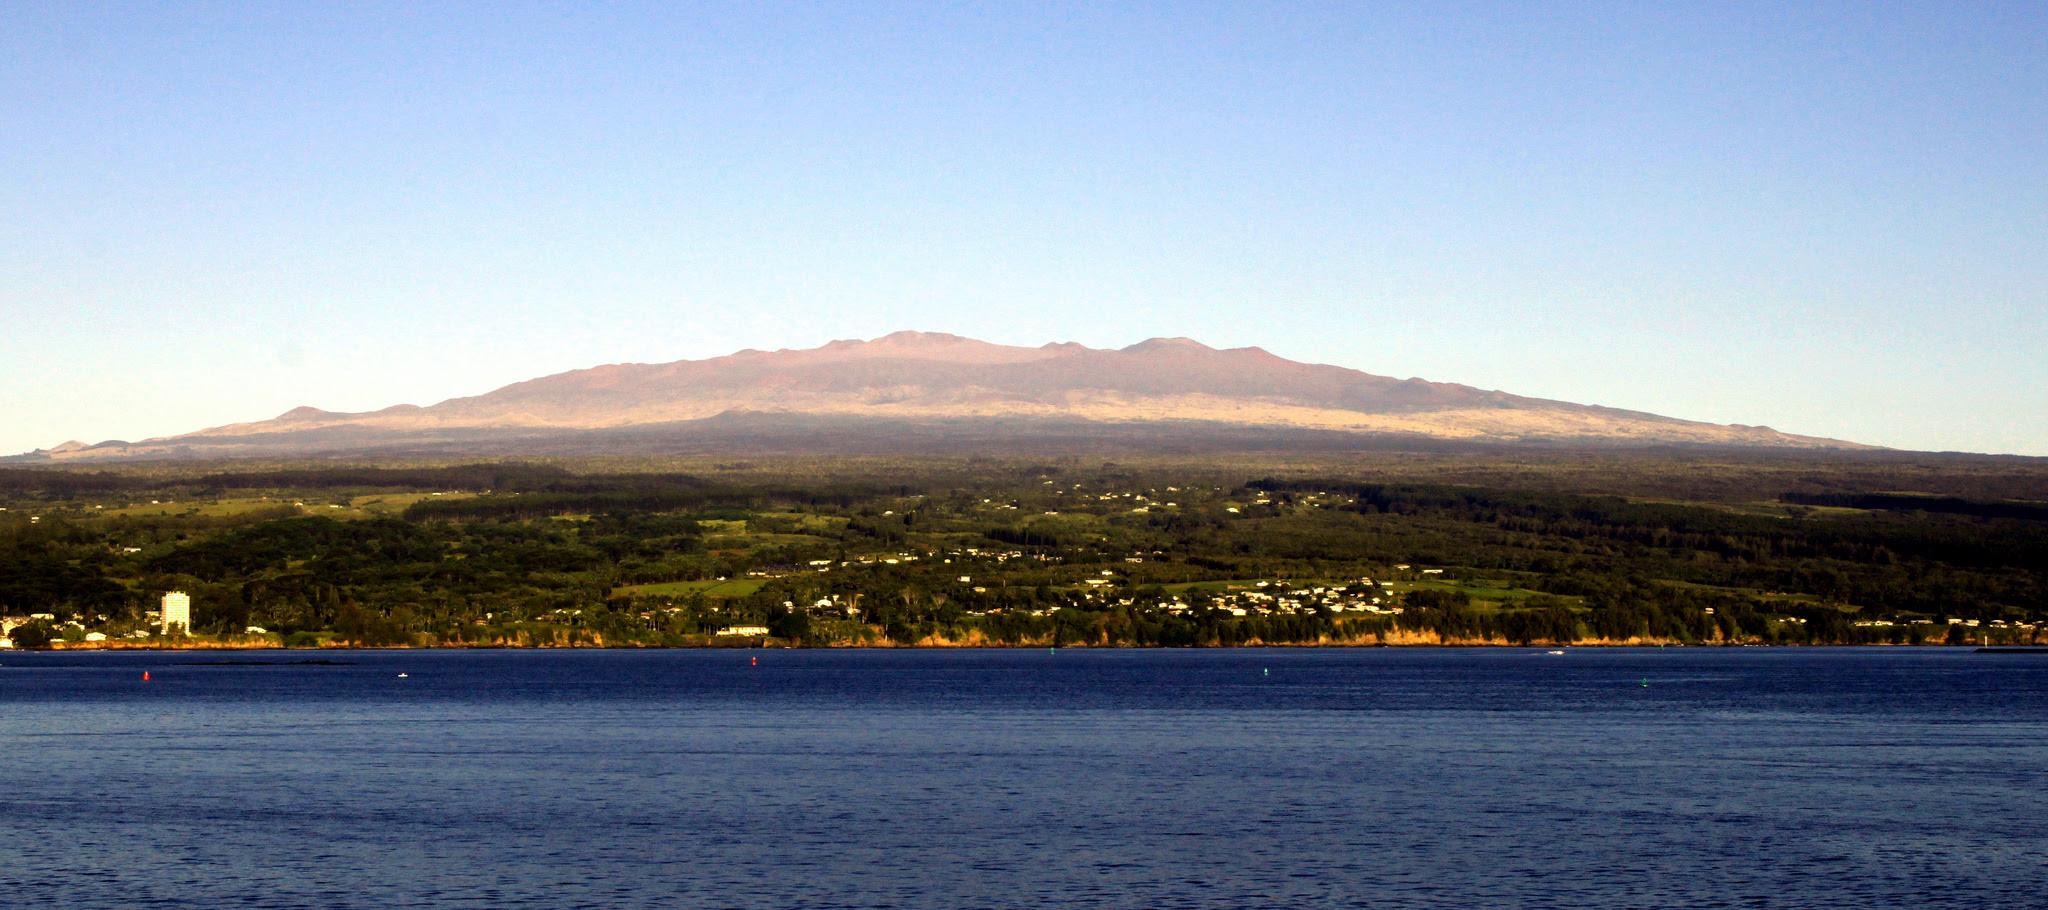 perierga.gr - Το Έβερεστ δεν είναι το ψηλότερο βουνό στον κόσμο!